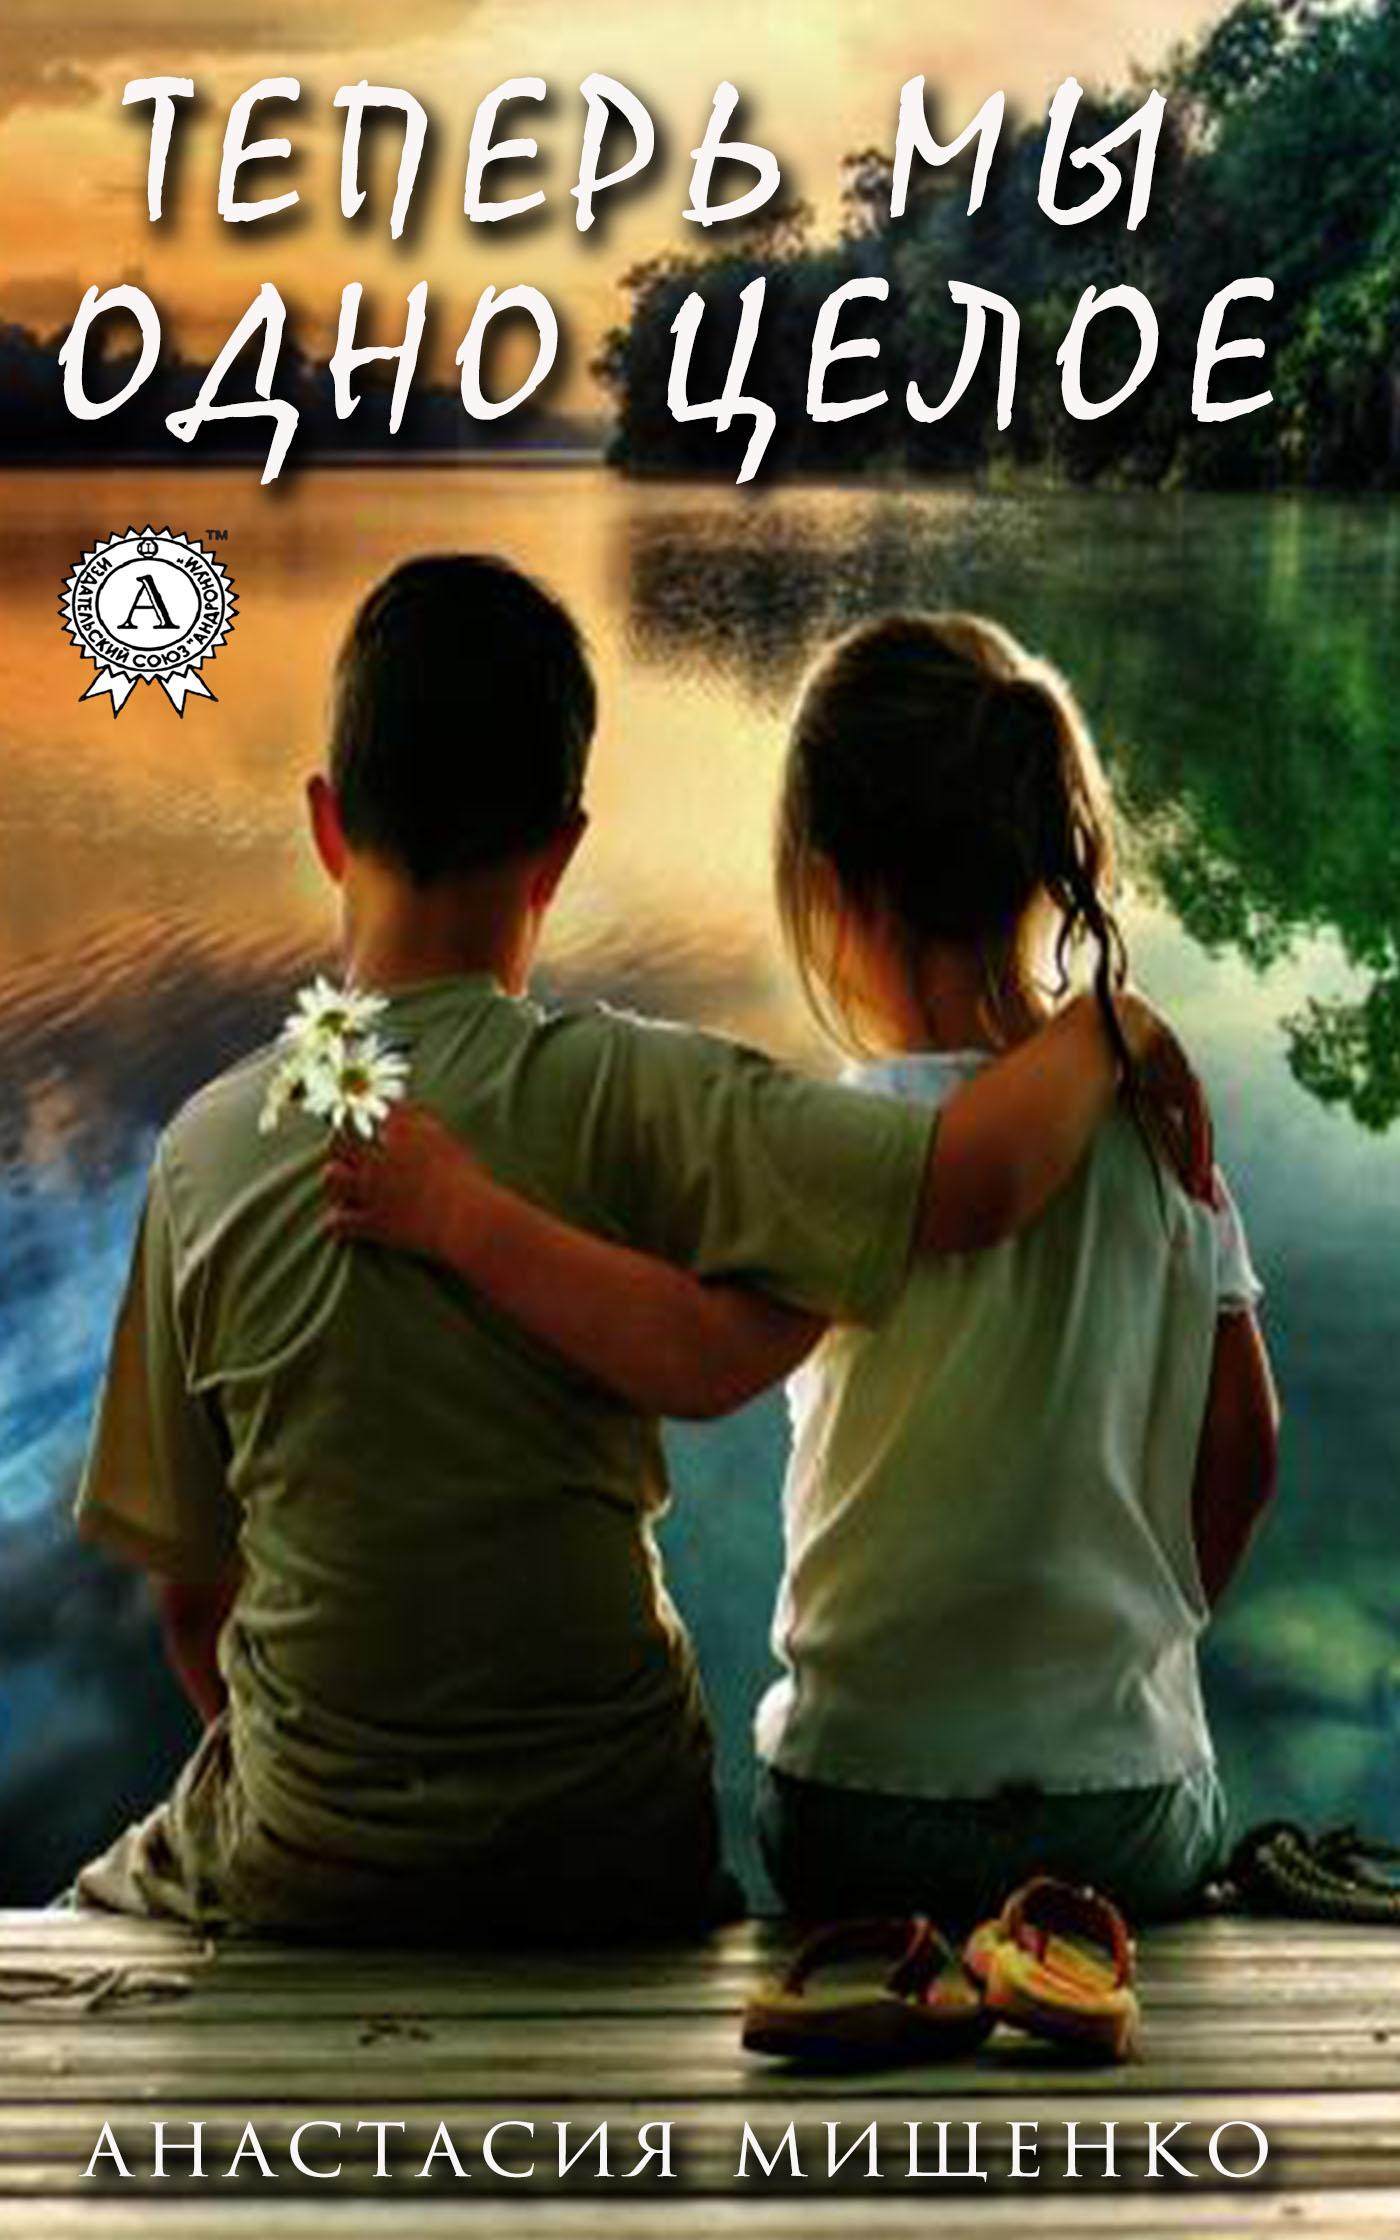 Купить книгу Теперь мы одно целое, автора Анастасии Мищенко